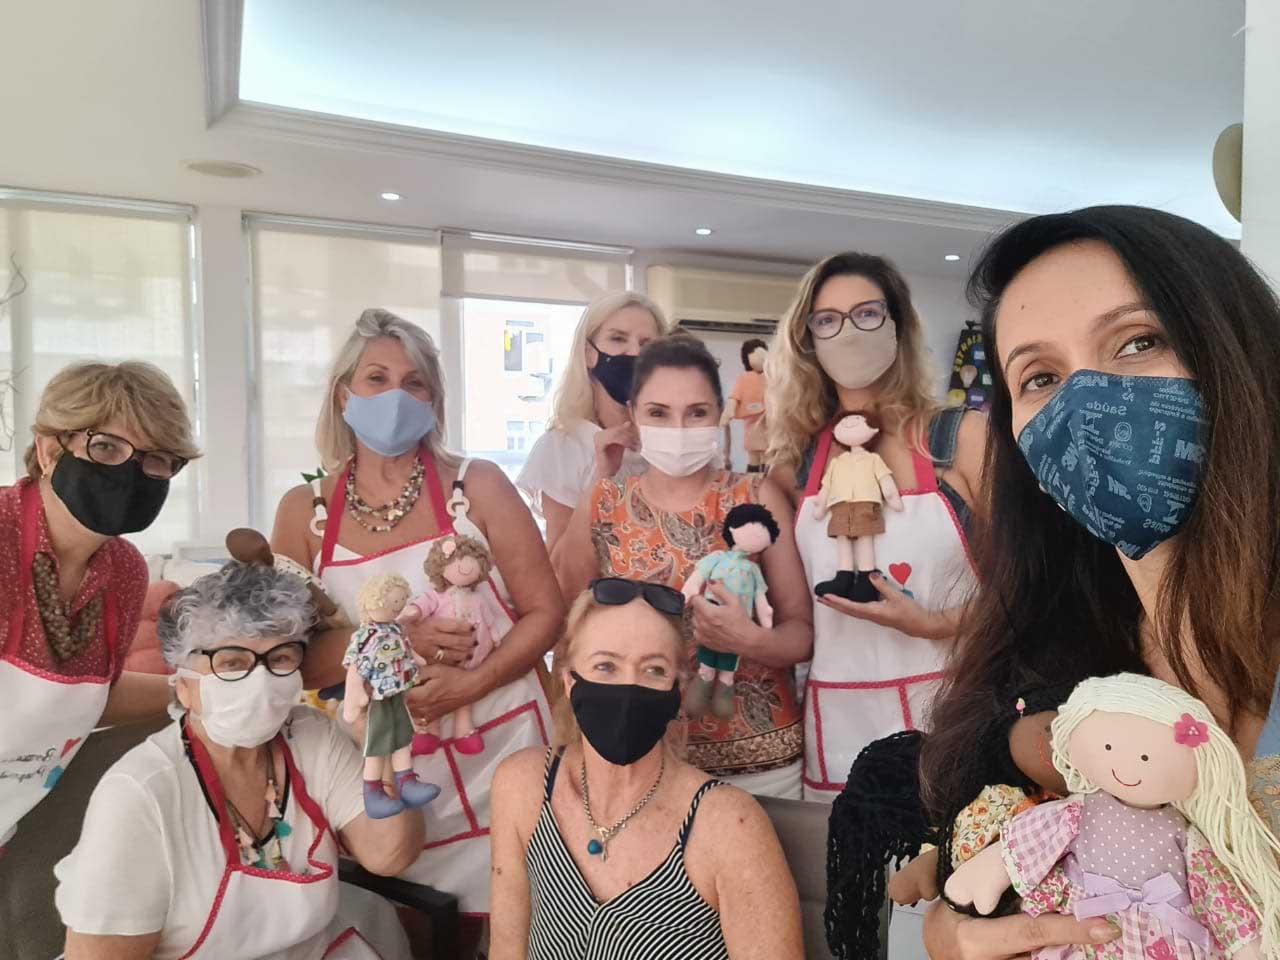 voluntárias do projeto bonecas de propósito